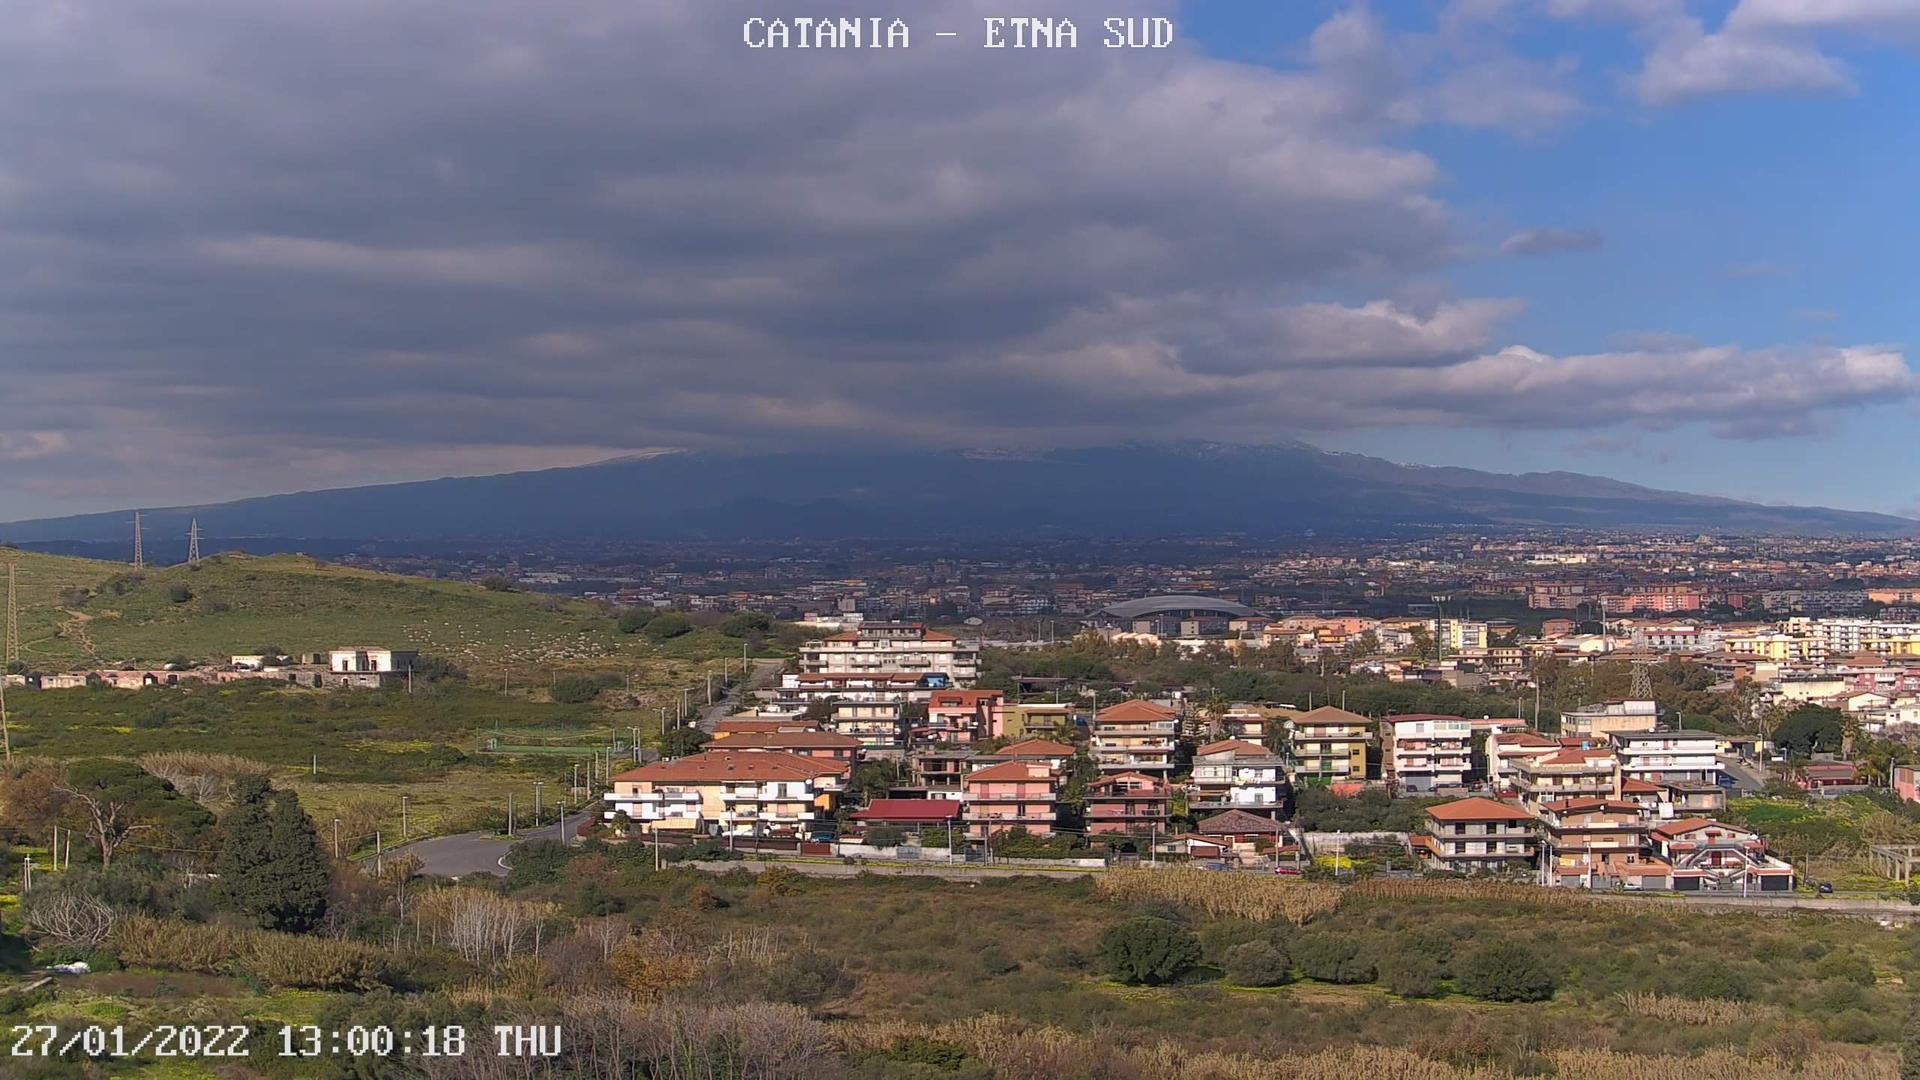 Webcam Catania: Etna